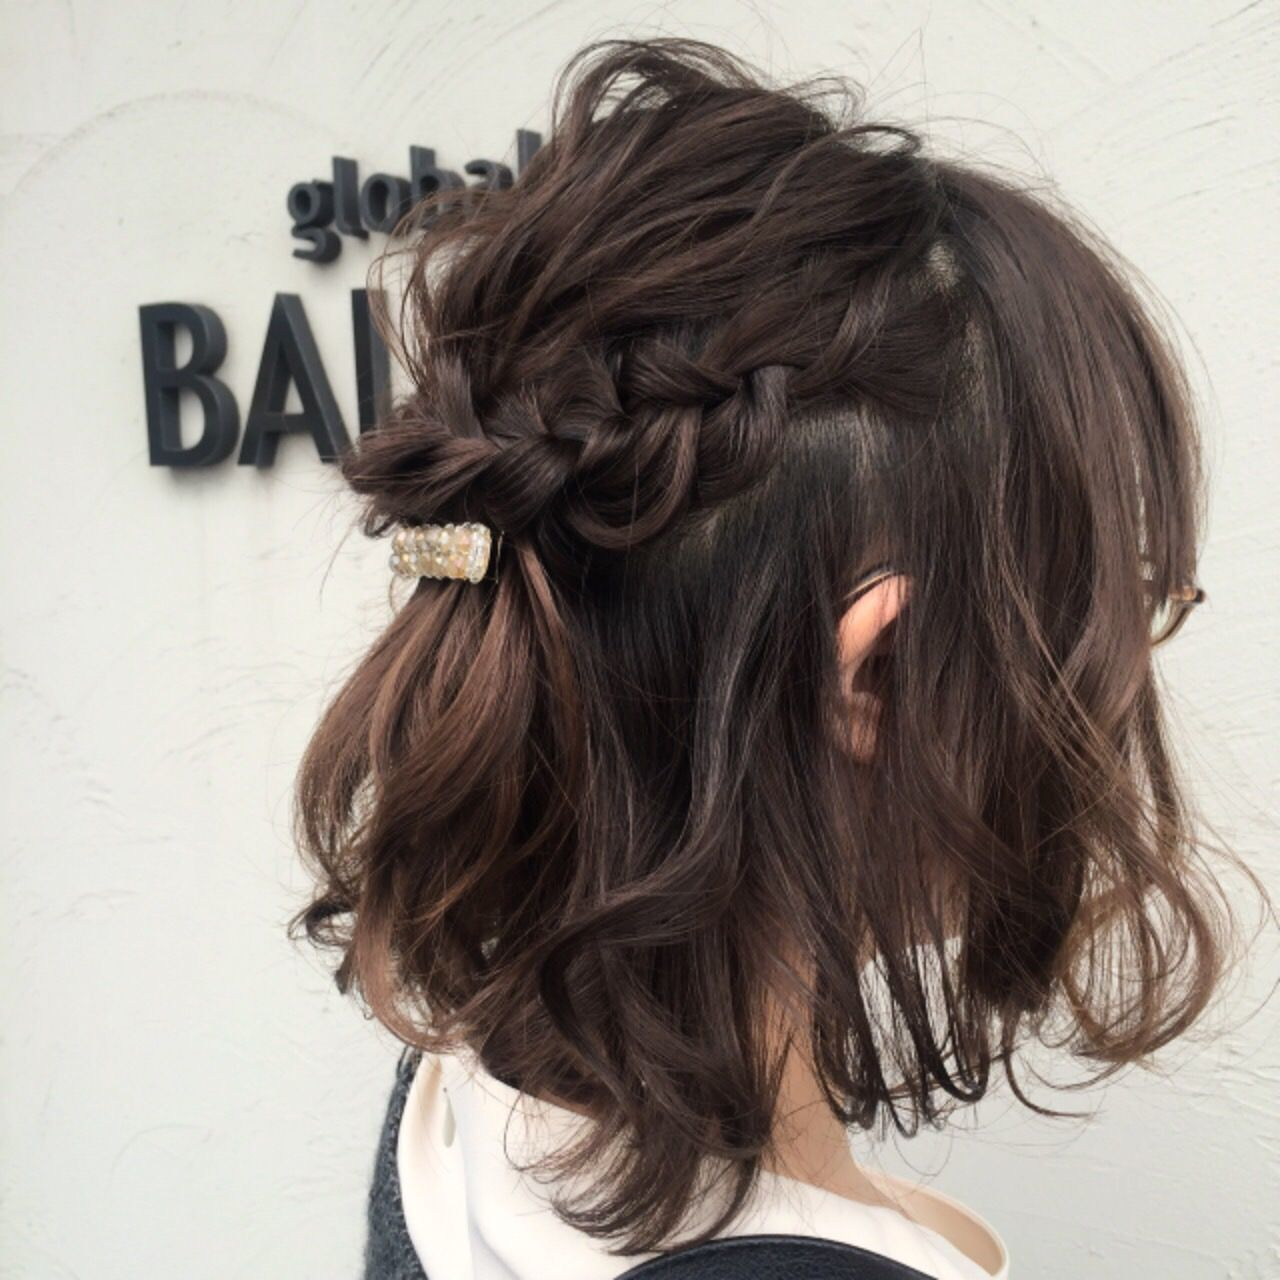 結婚式お呼ばれの髪型 ヘアスタイル ボブのハーフアップなら10分で